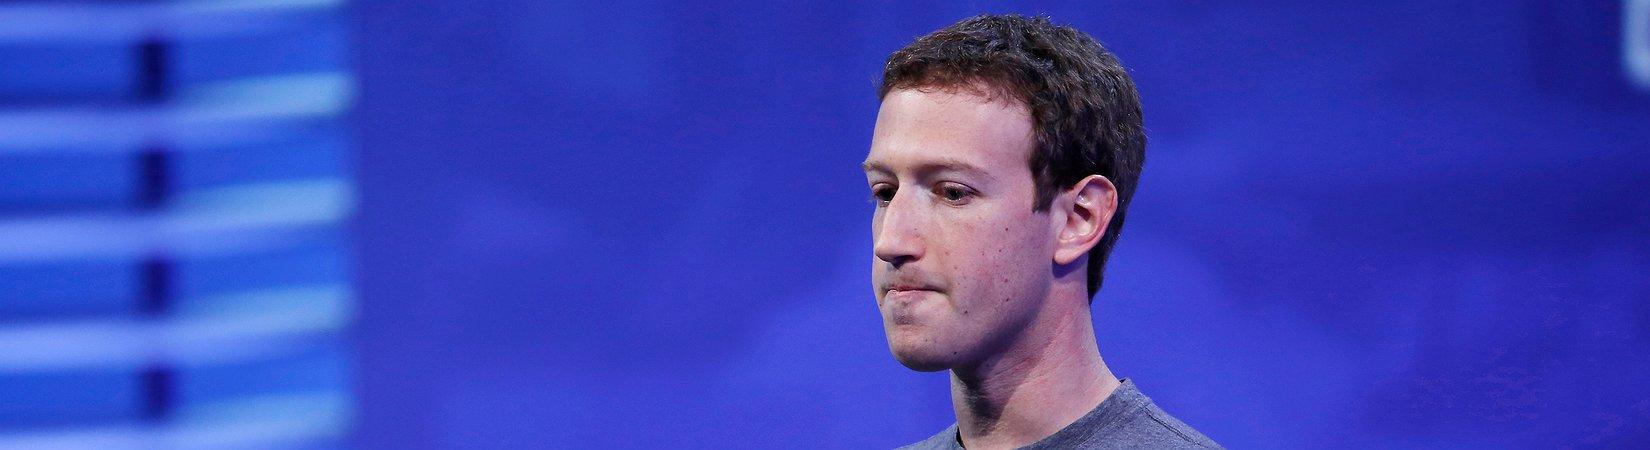 Il Garante della privacy spagnolo multa Facebook per 1,2 milioni di euro